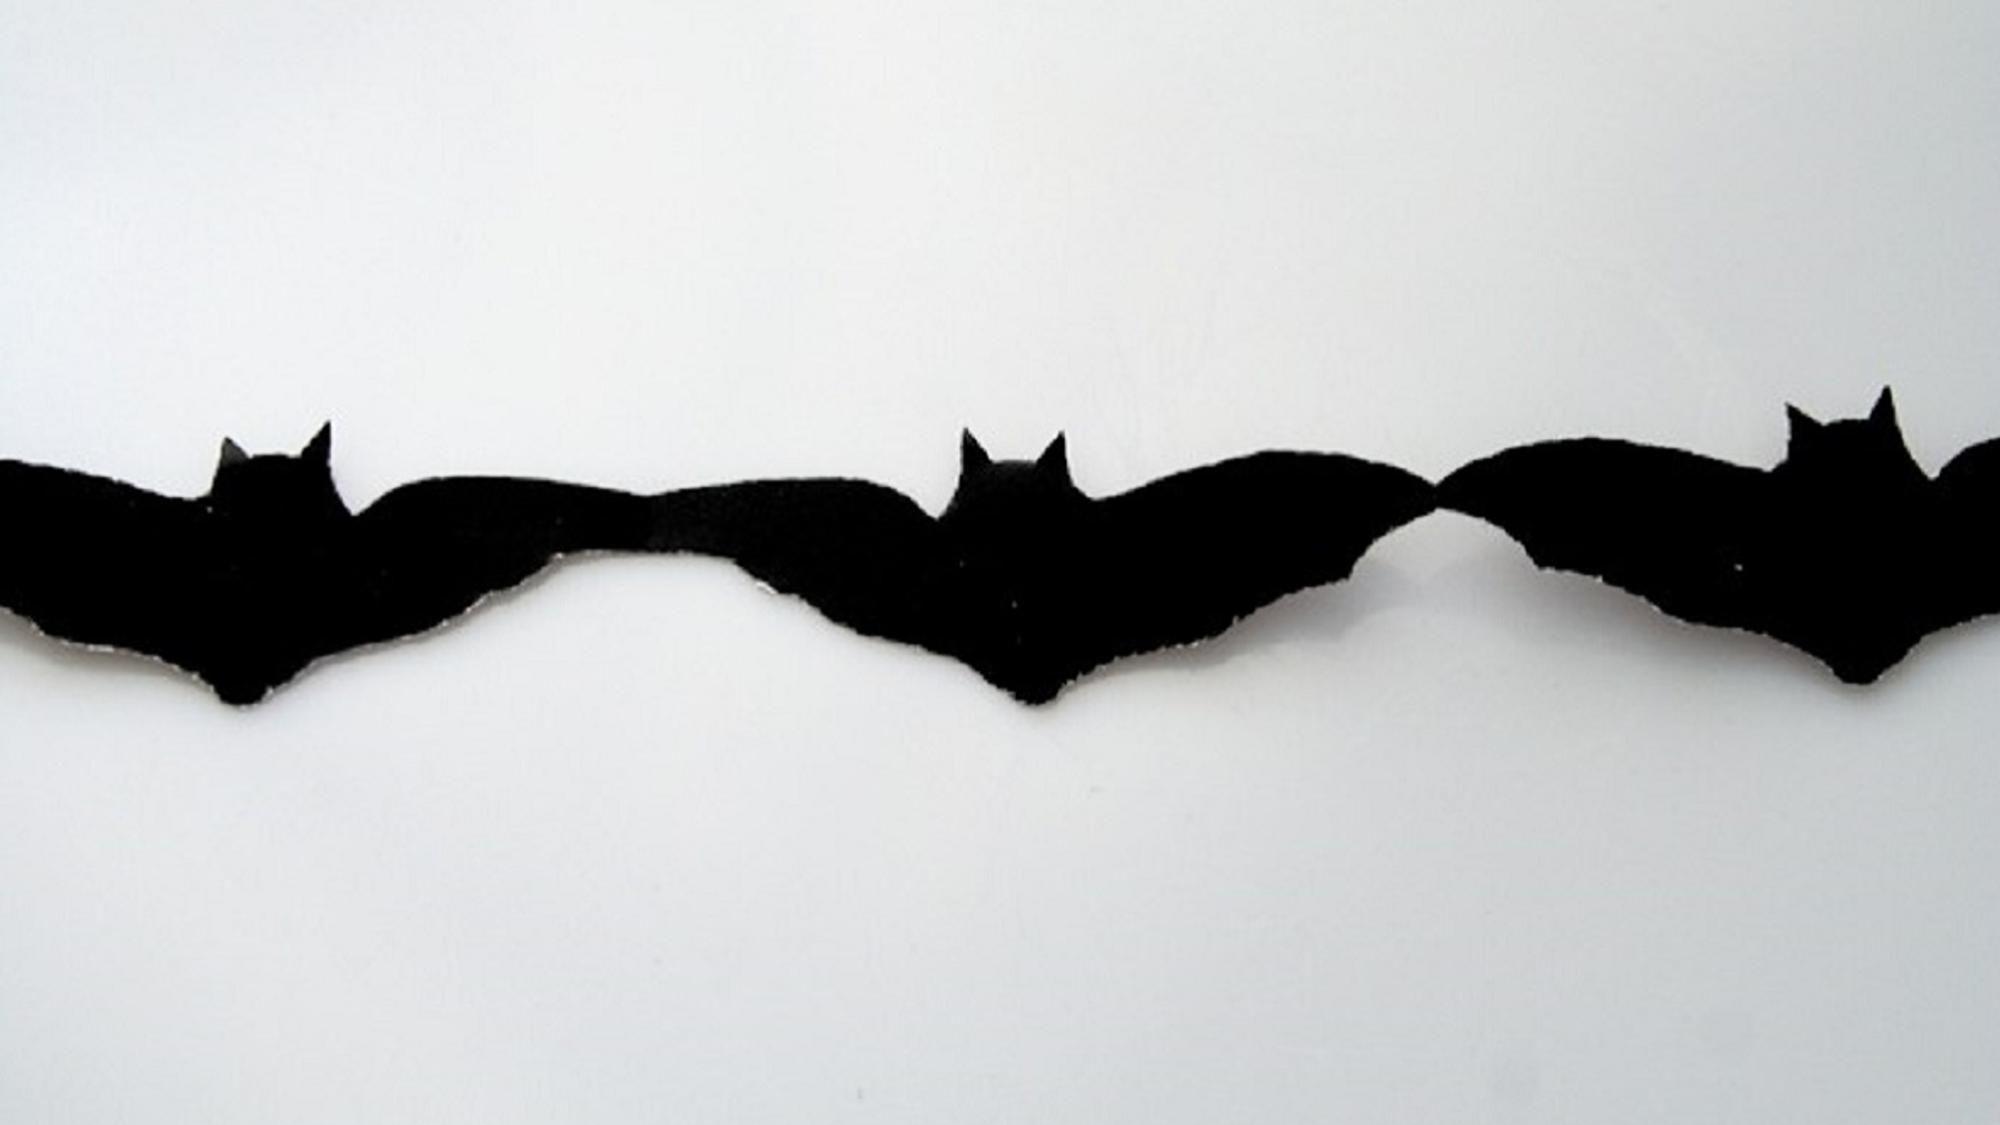 Fledermaus-Girlande für Halloween. Mit dieser Vorlage leicht